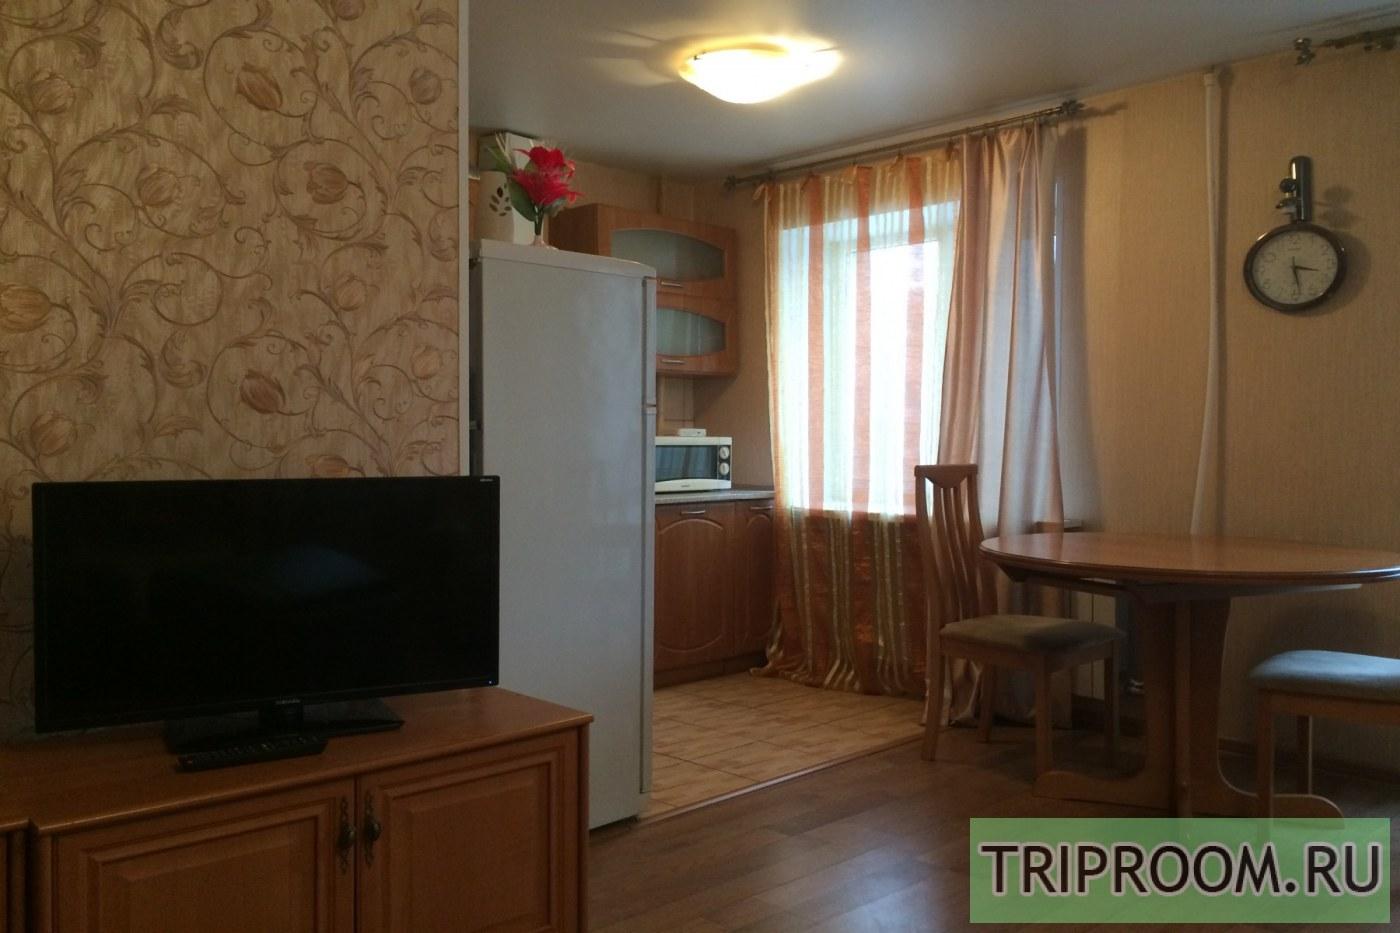 1-комнатная квартира посуточно (вариант № 37881), ул. Советская улица, фото № 2